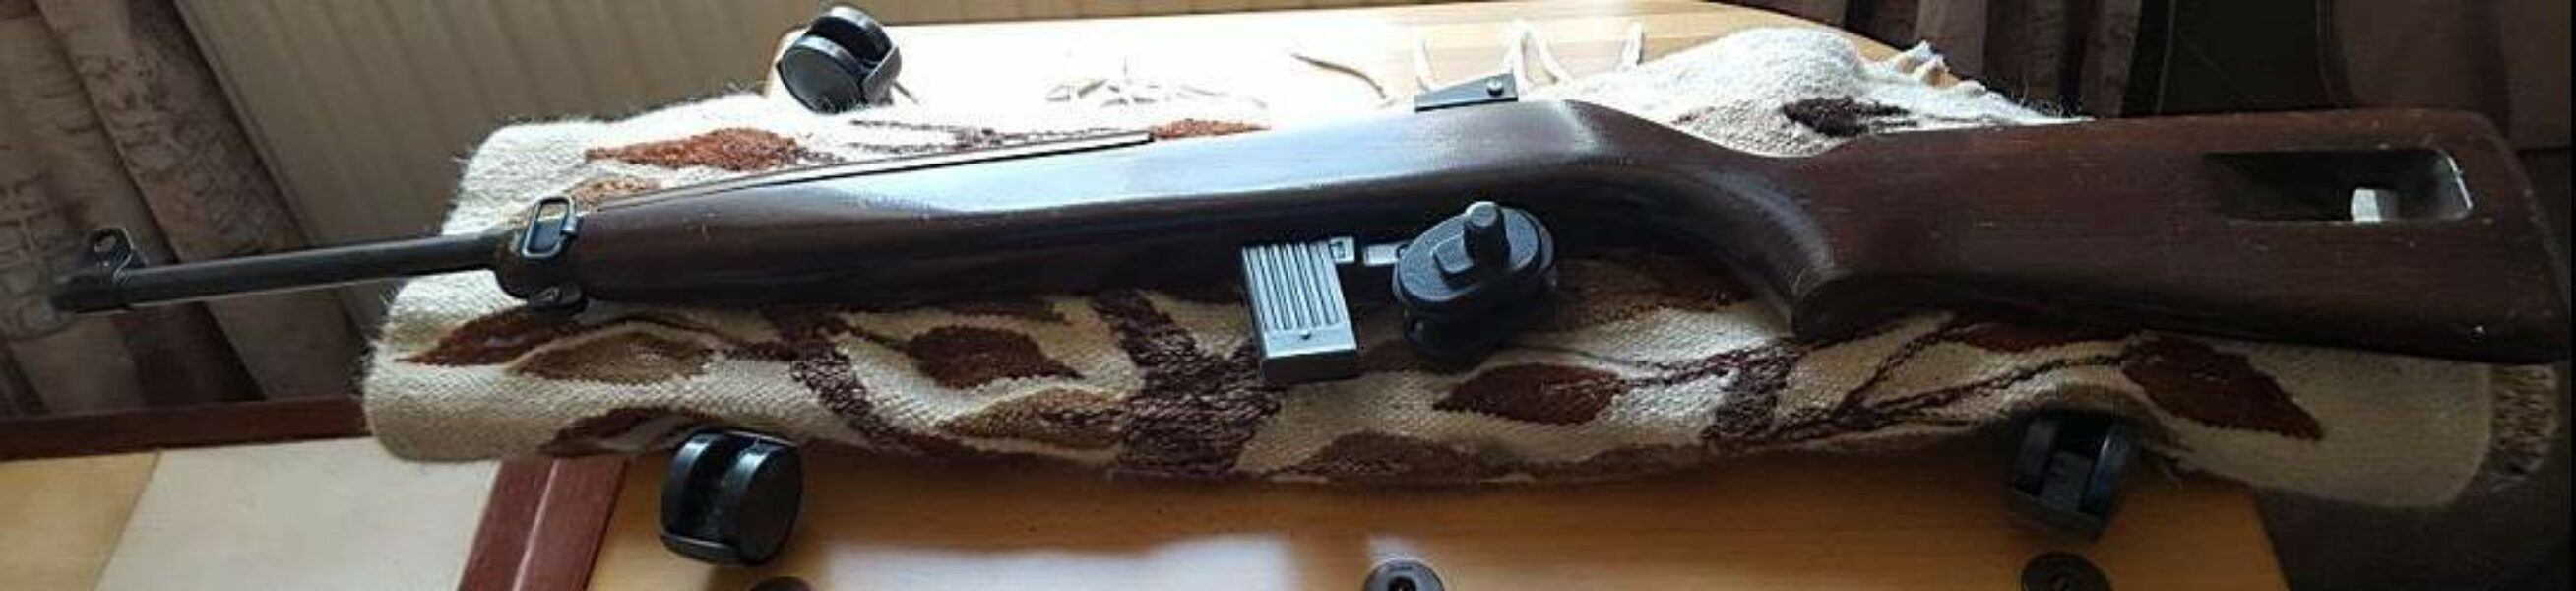 Gewehr Erma M1 093002a